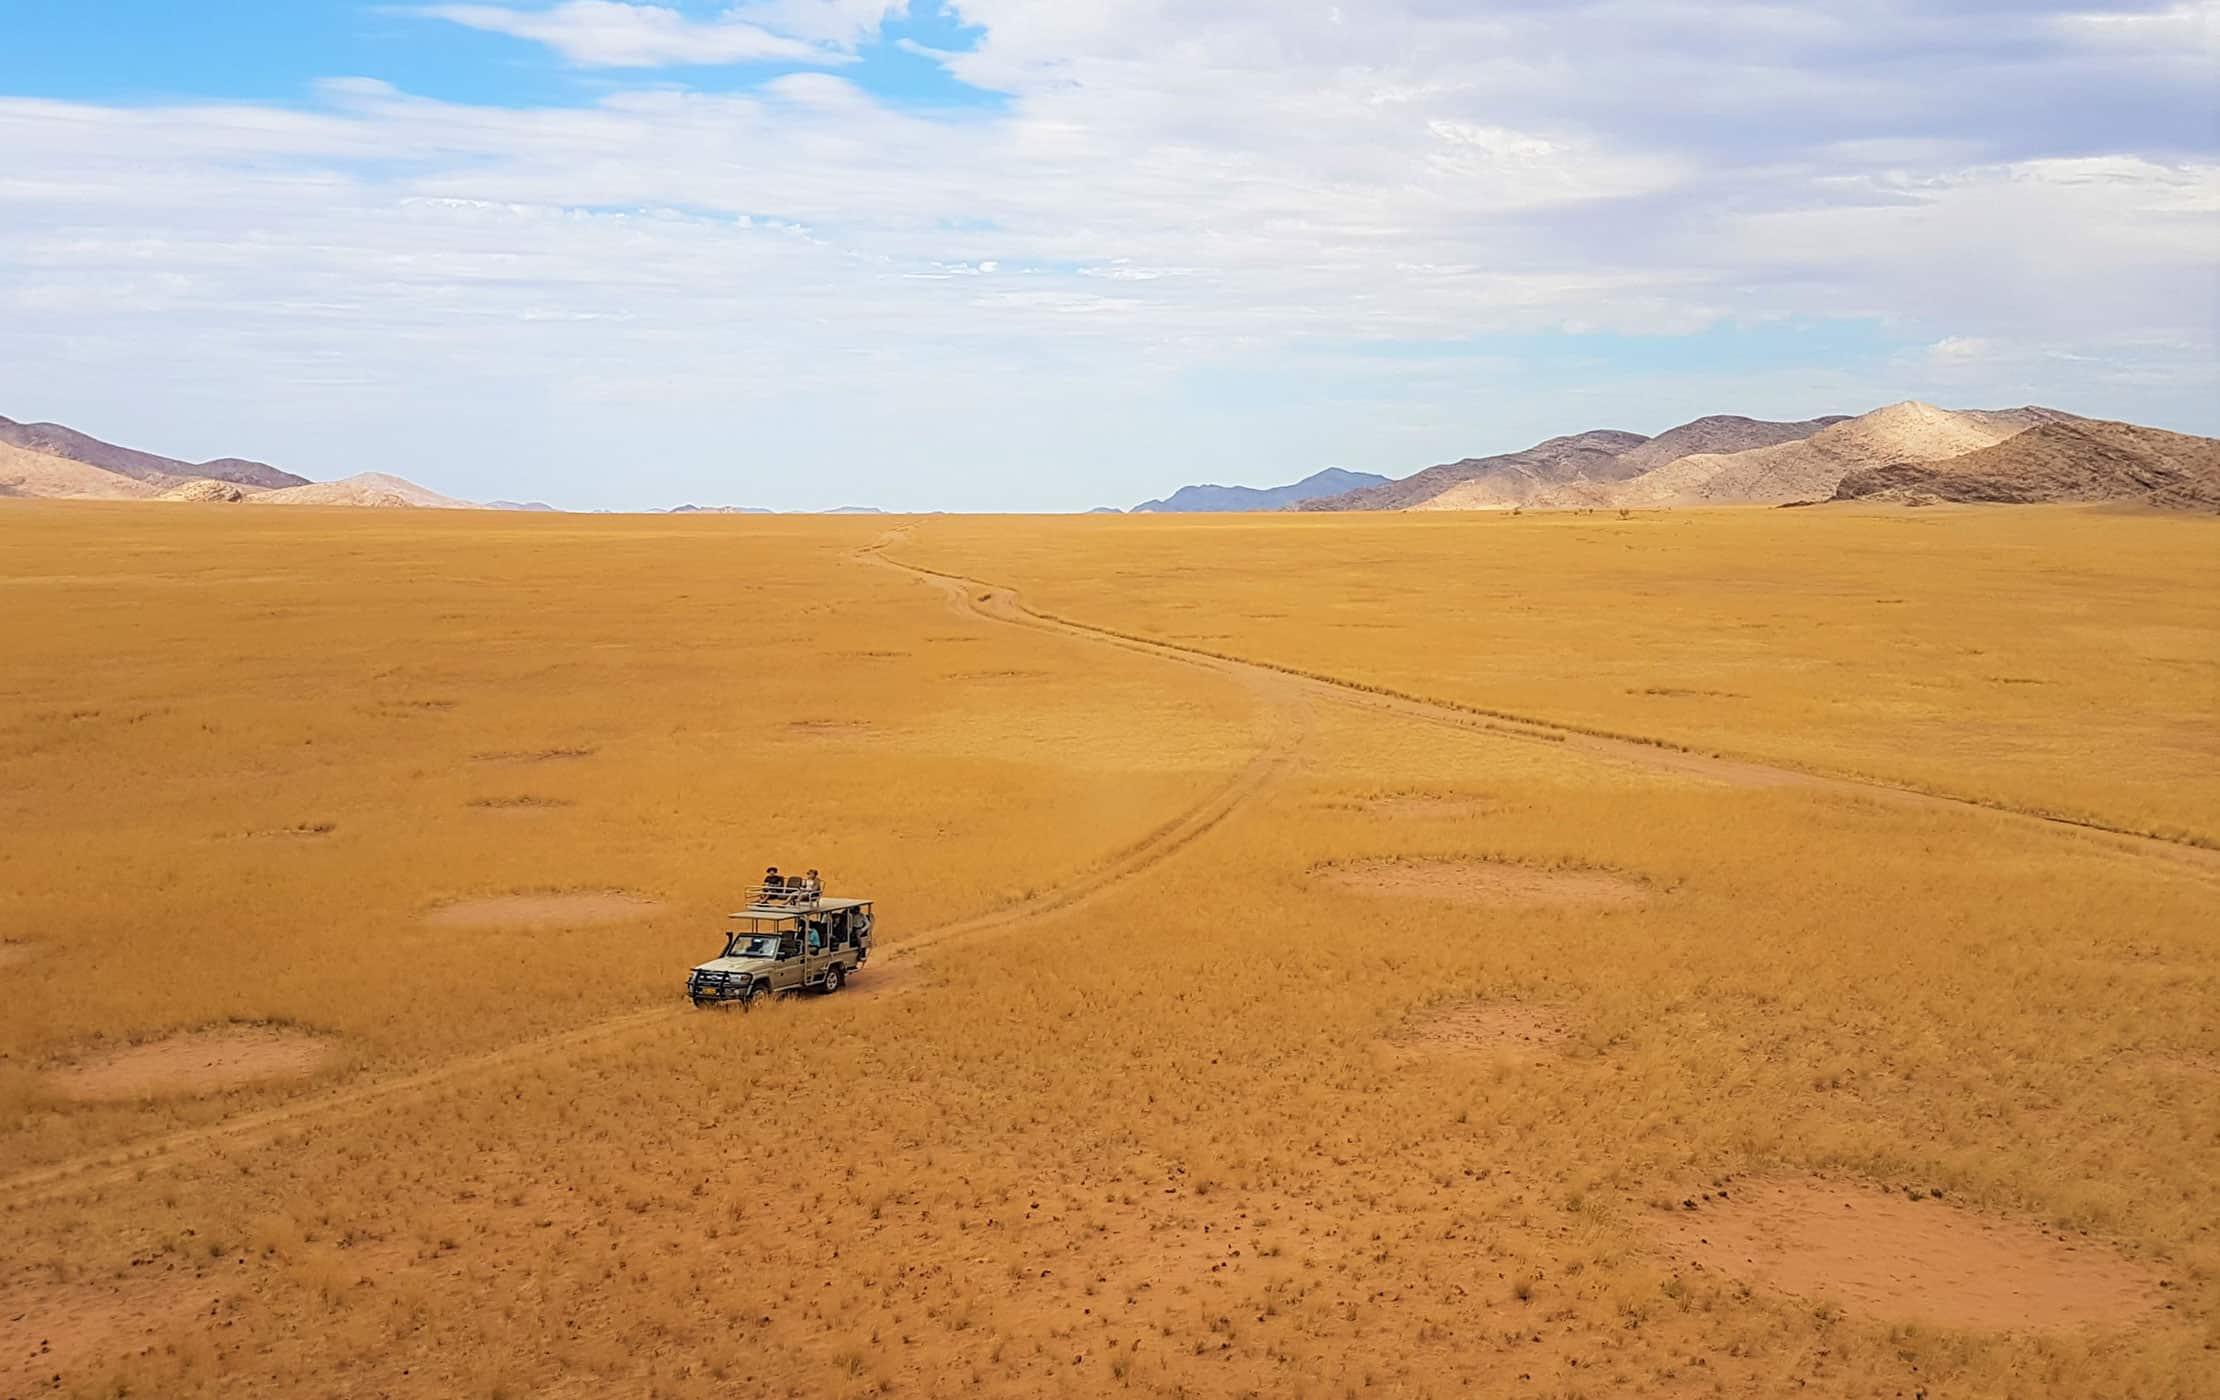 A car driving through a desert.